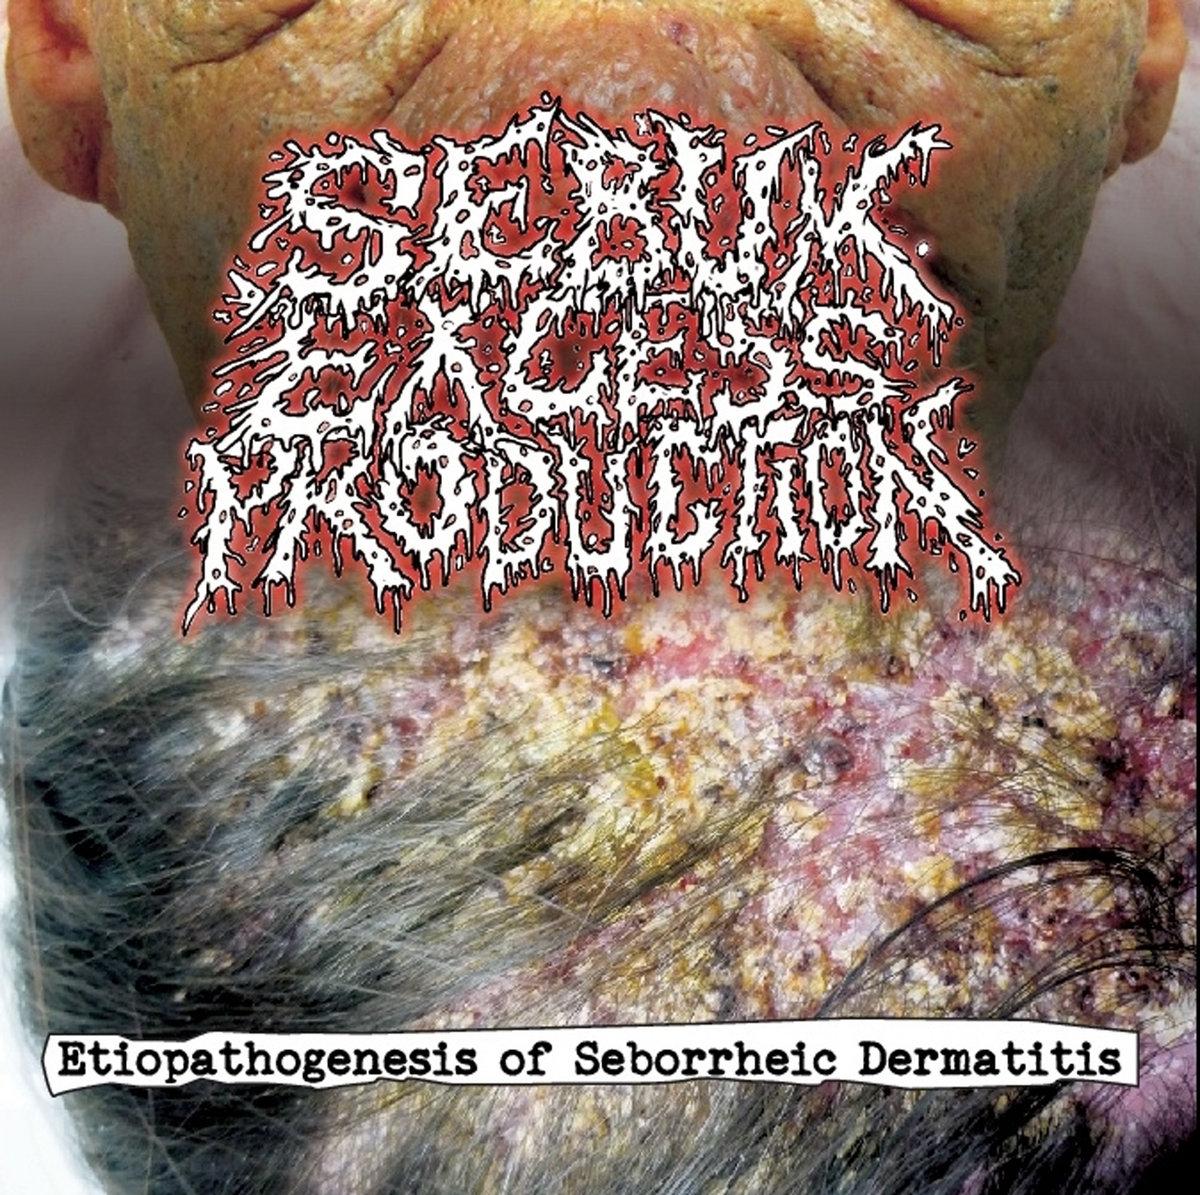 Sebum Excess Production - Etiopathogenesis Of Seborrheic Dermatitis